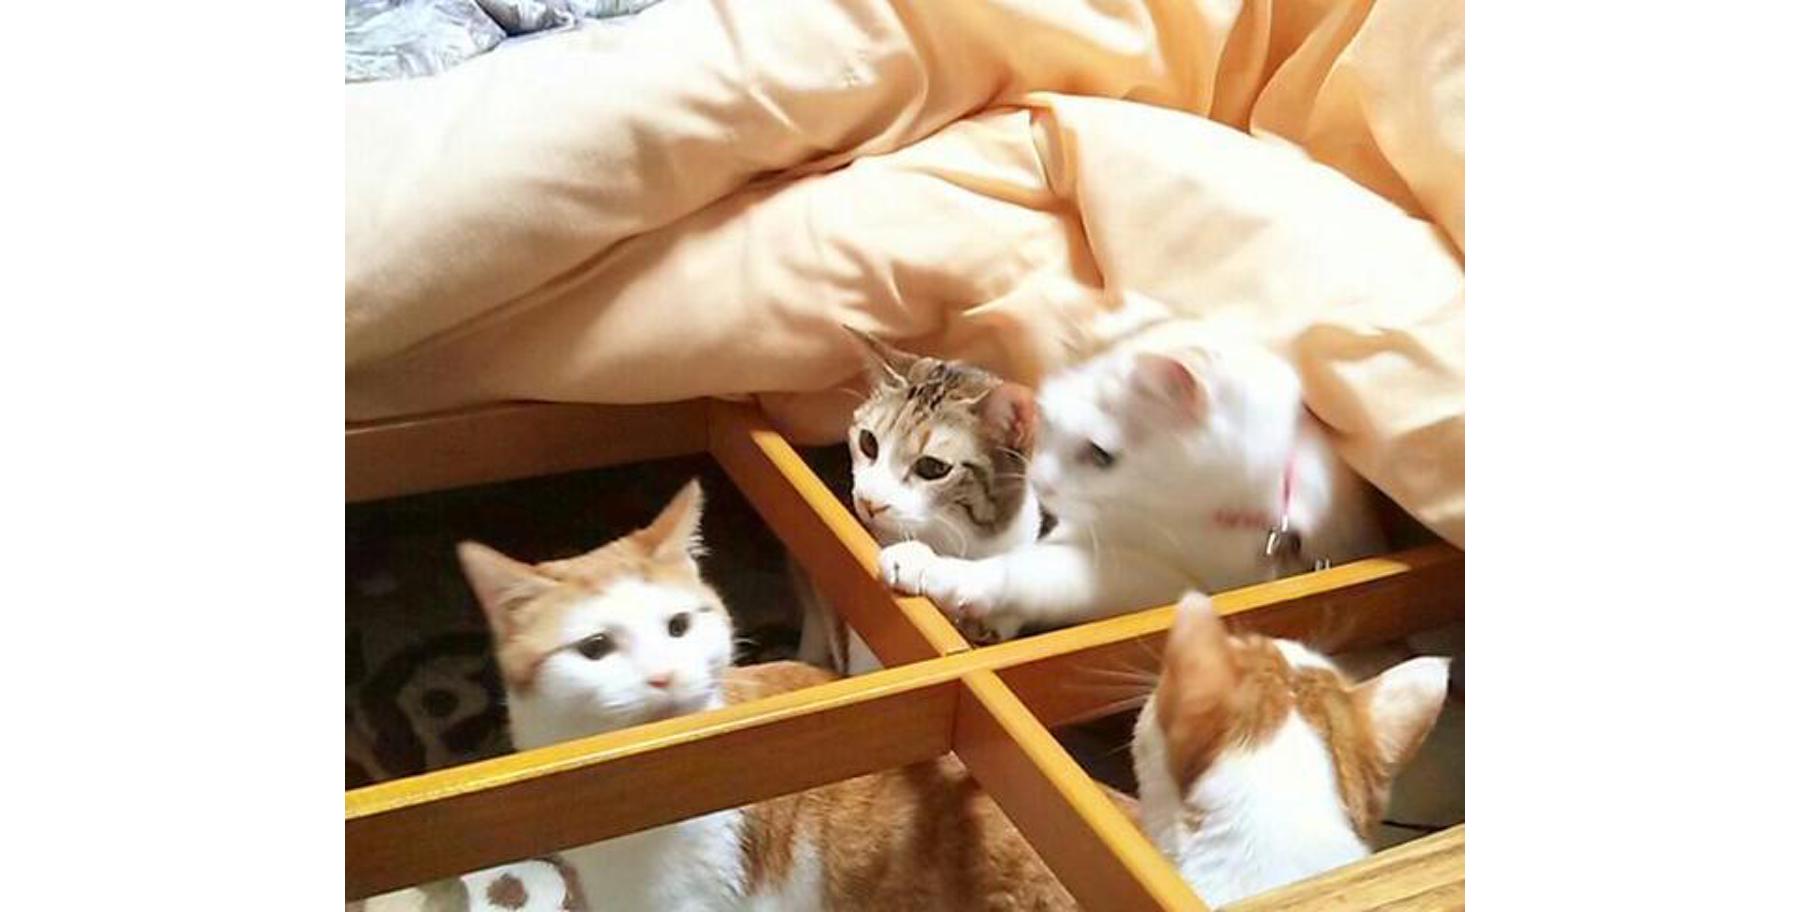 もう春だよ! 突然のコタツ撤去に対する、猫たちの反応が可愛かった